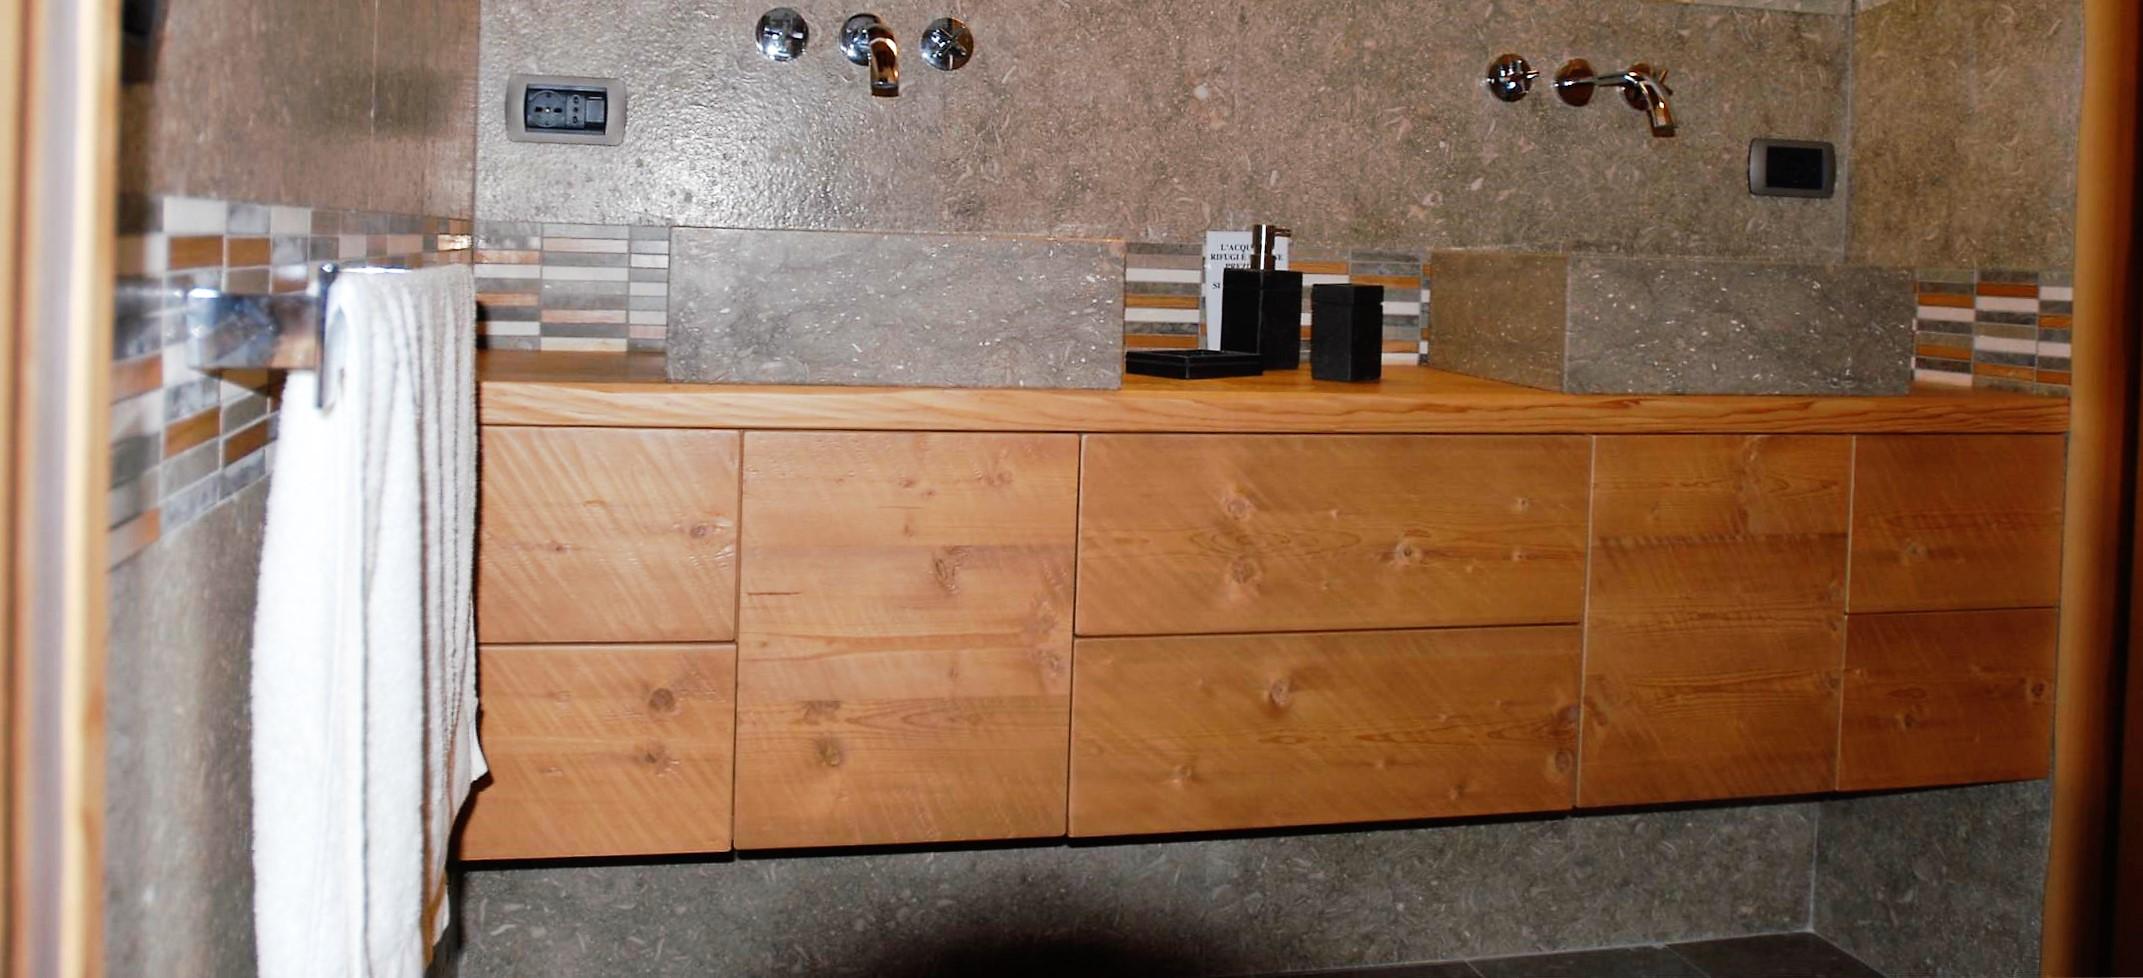 Laverderosa s r l mobili bagno in legno su misura a roma classici e moderni artigianali arredo bagni - Mobili bagno roma ...